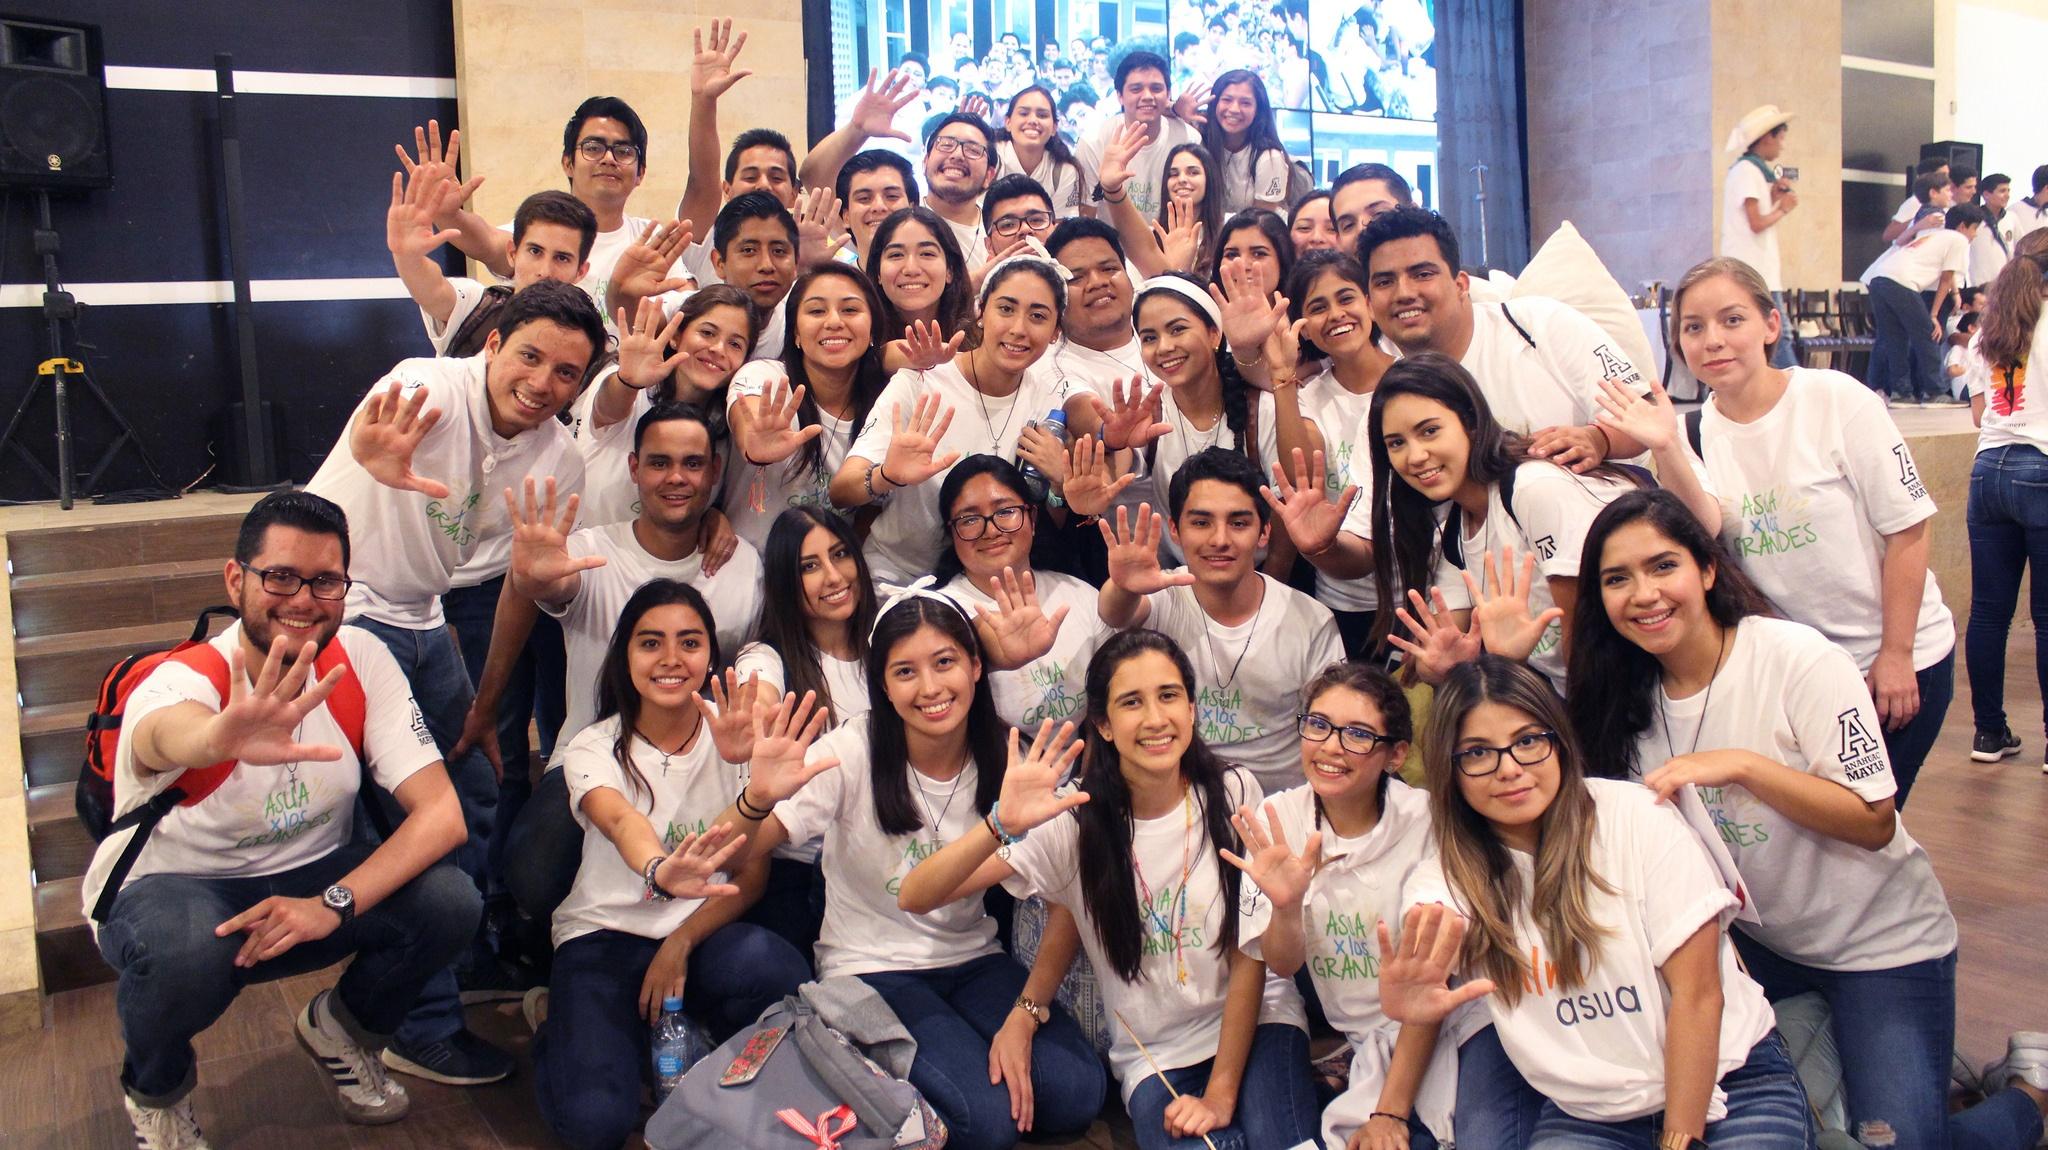 Vistoso Reanudar Recursos Para Estudiantes Universitarios Fotos ...